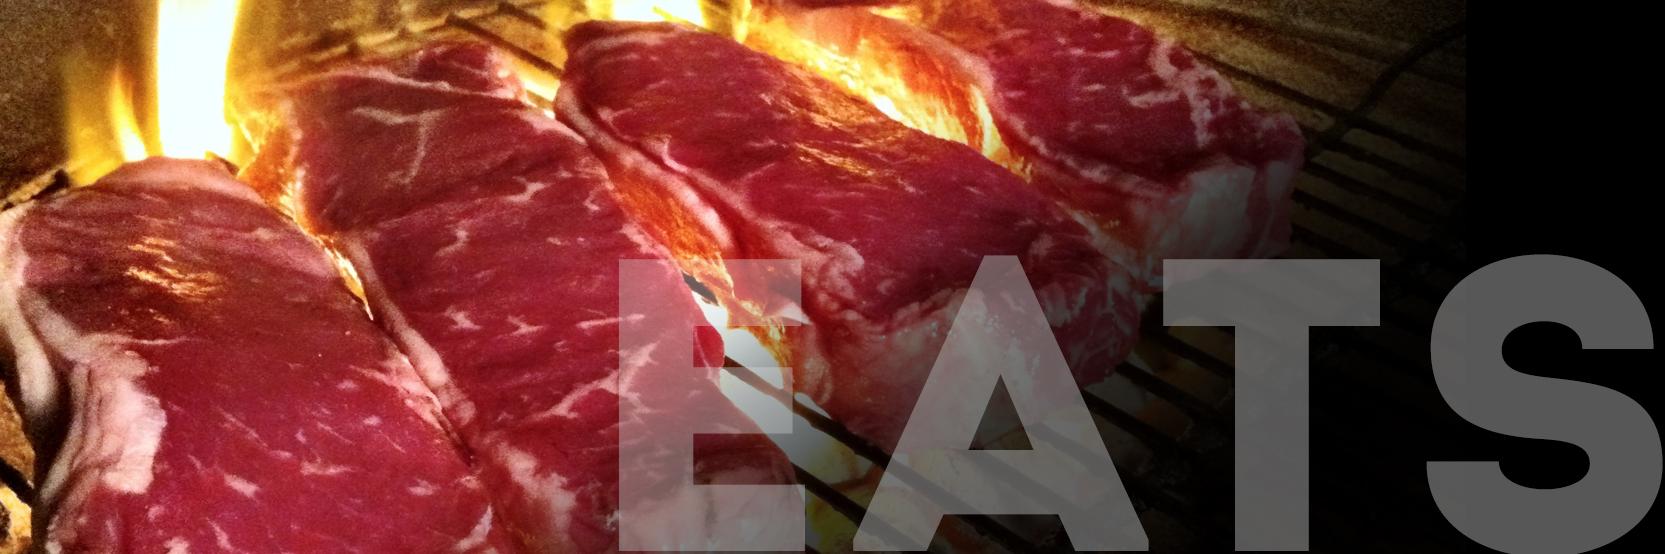 EATS HEADER.jpg